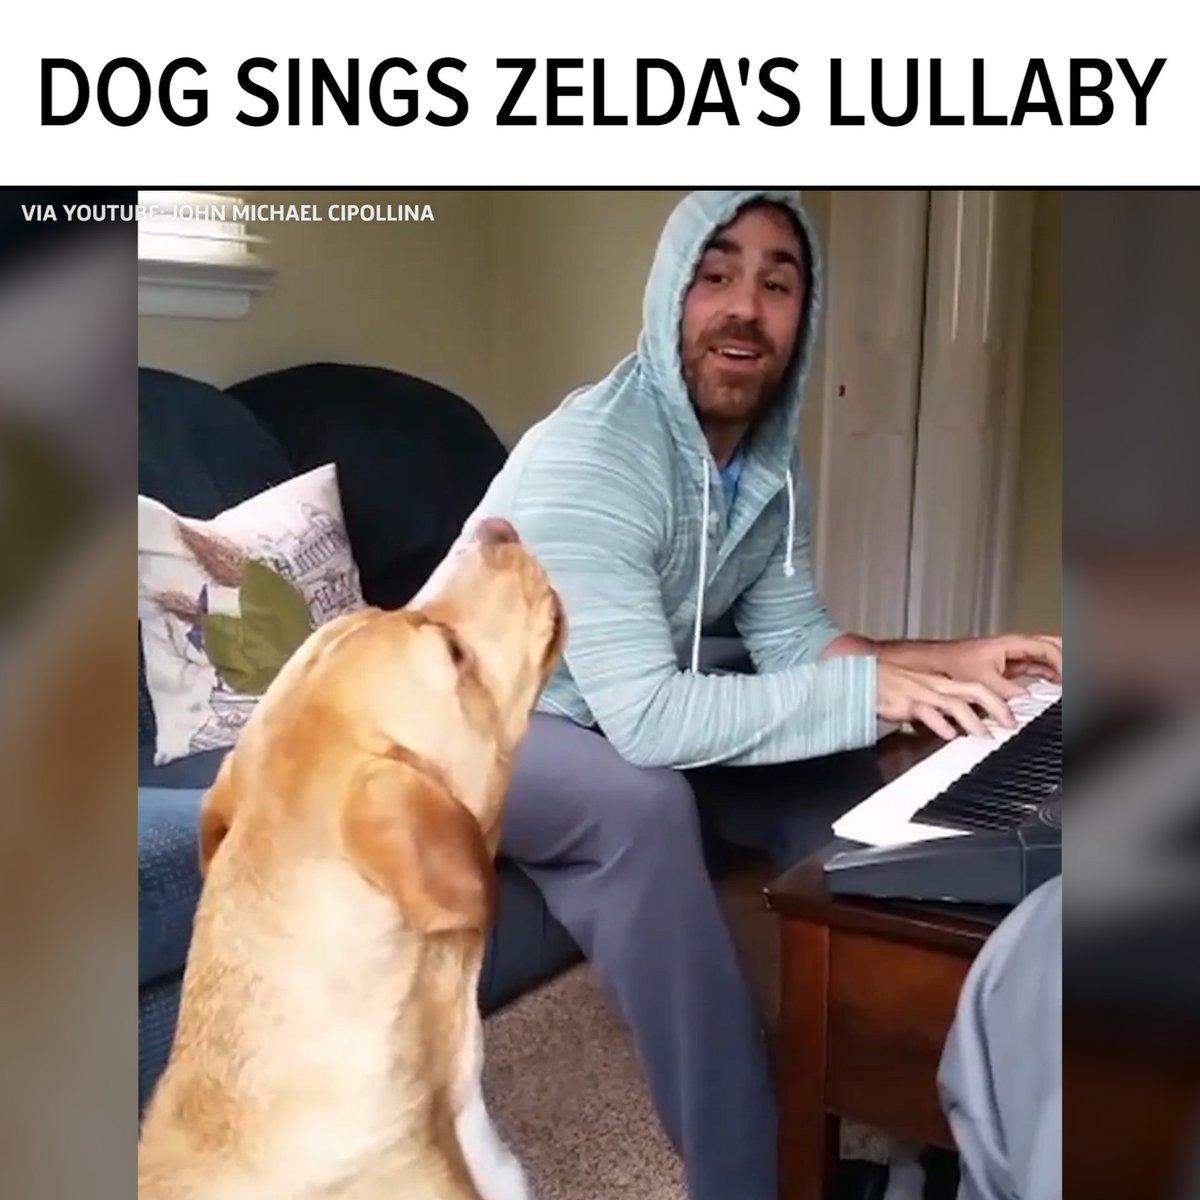 The Legend of Zelda: Howl of the Wild 🐶   Original video: https://t.co/ygbMMz8t3Z